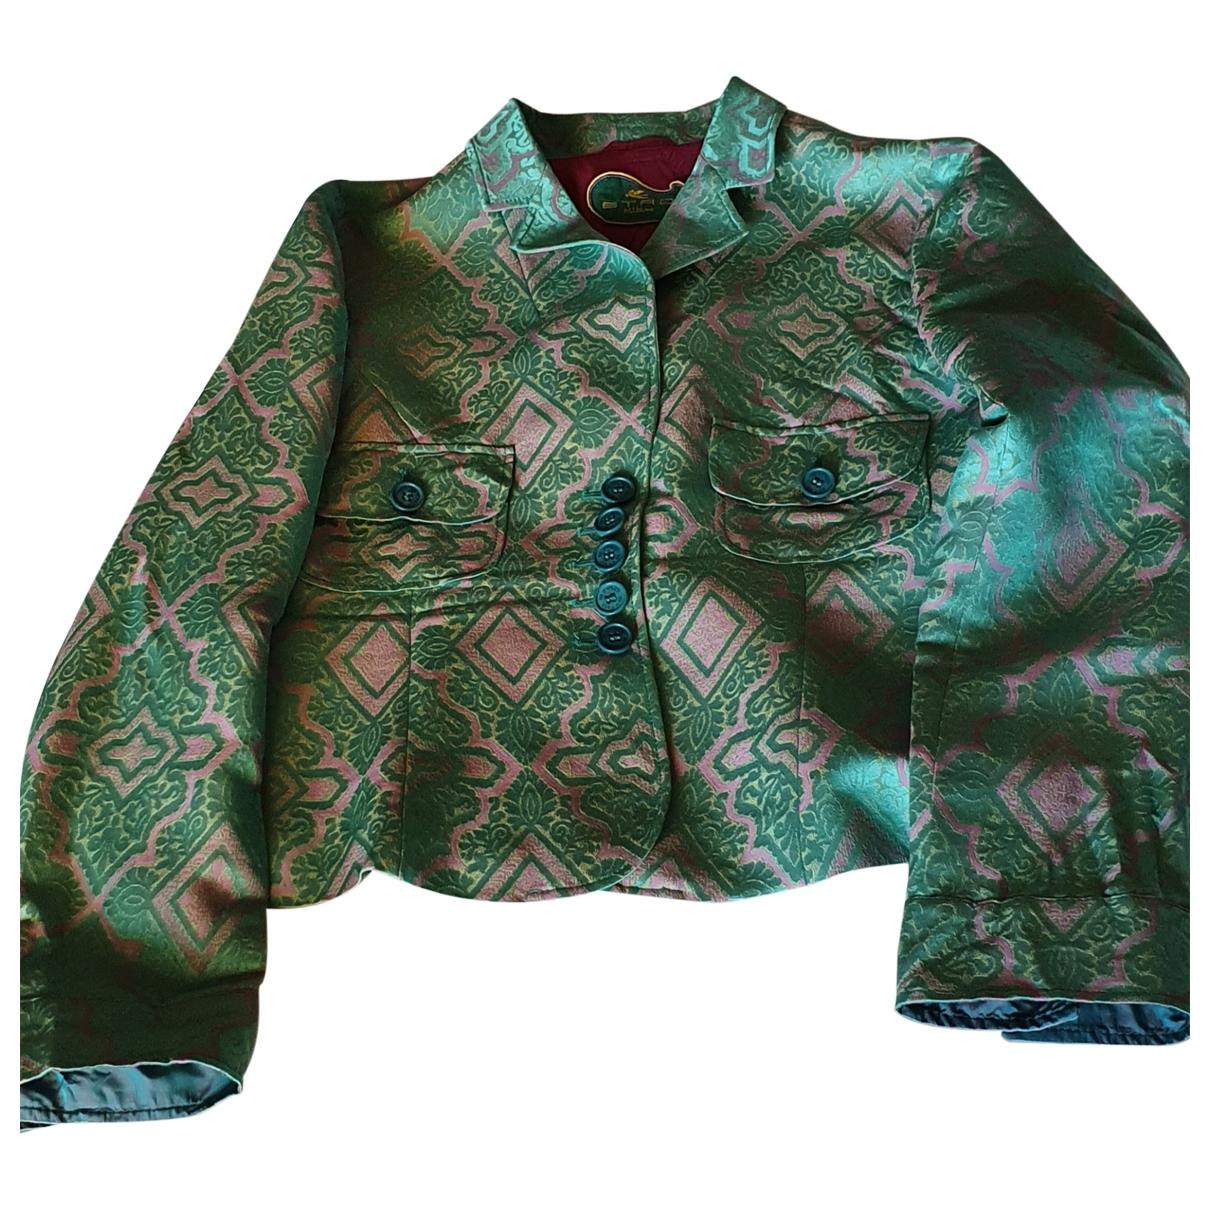 Etro \N Jacke in  Gruen Polyester